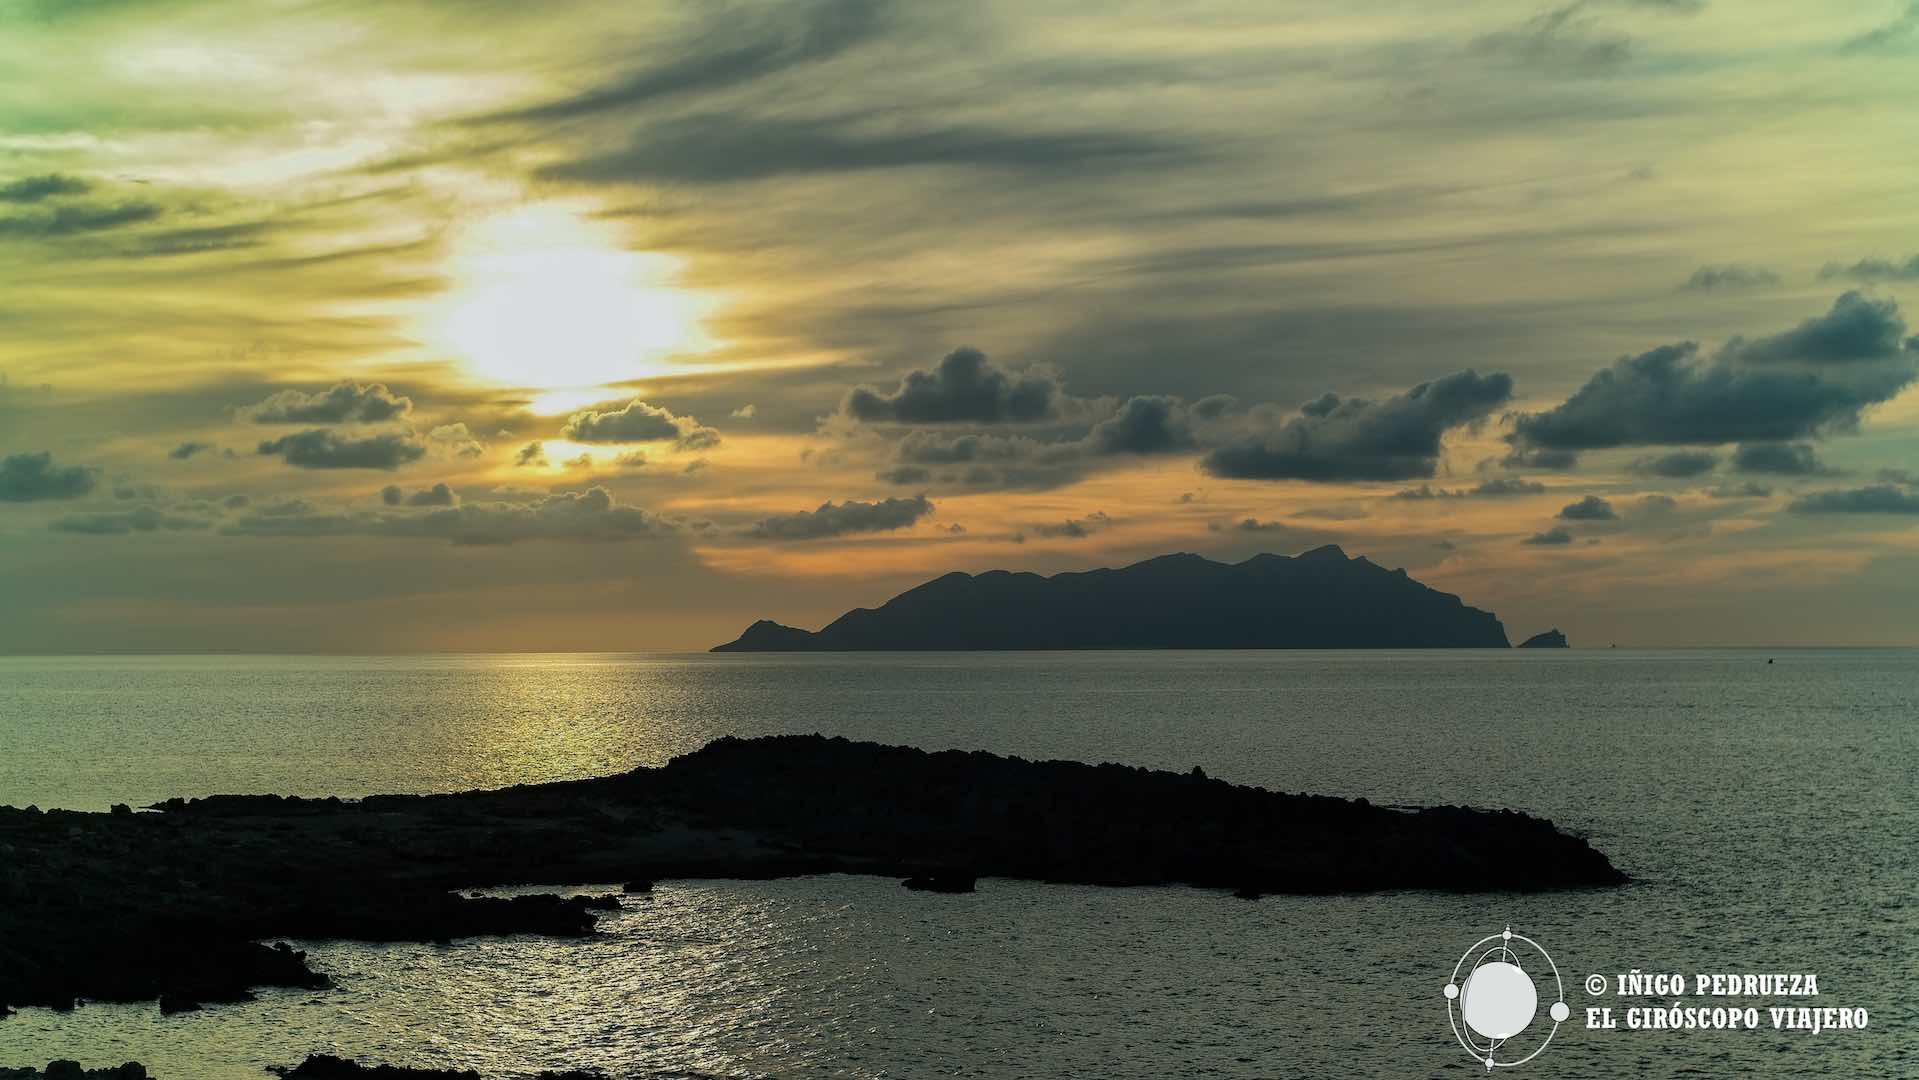 Atardecer en Cala Faraglione, frente a la isla de Levanzo, otra de la islas Egades